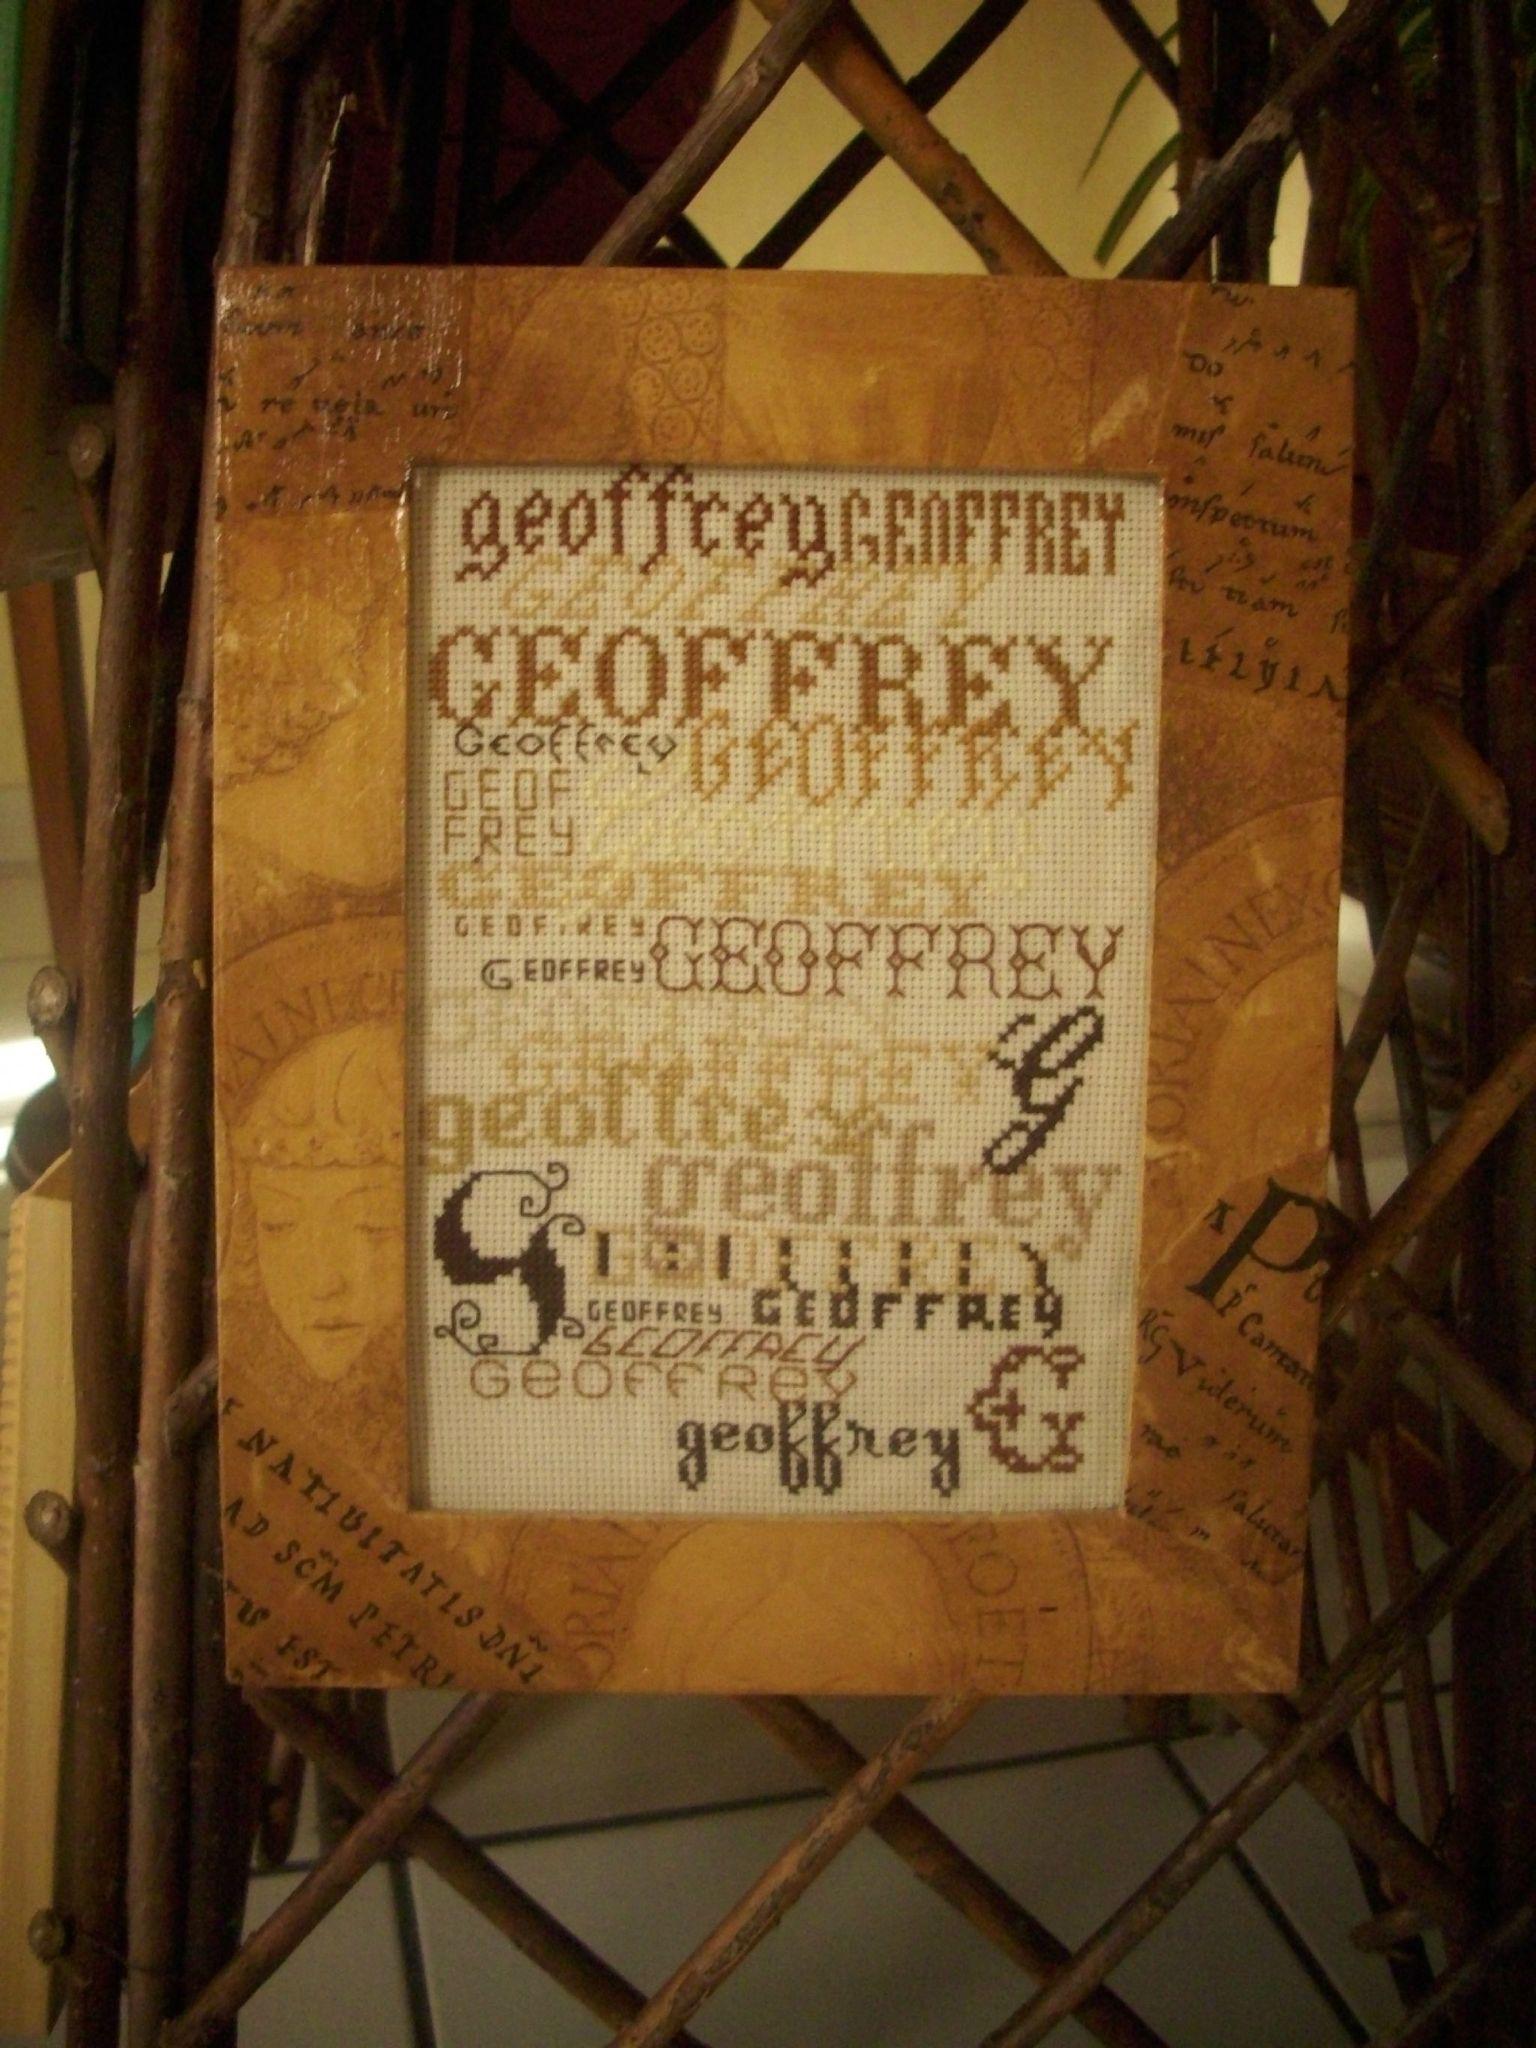 Cadre pr nom geoffrey photo de mes cr ations cadres s - Geoffrey prenom ...